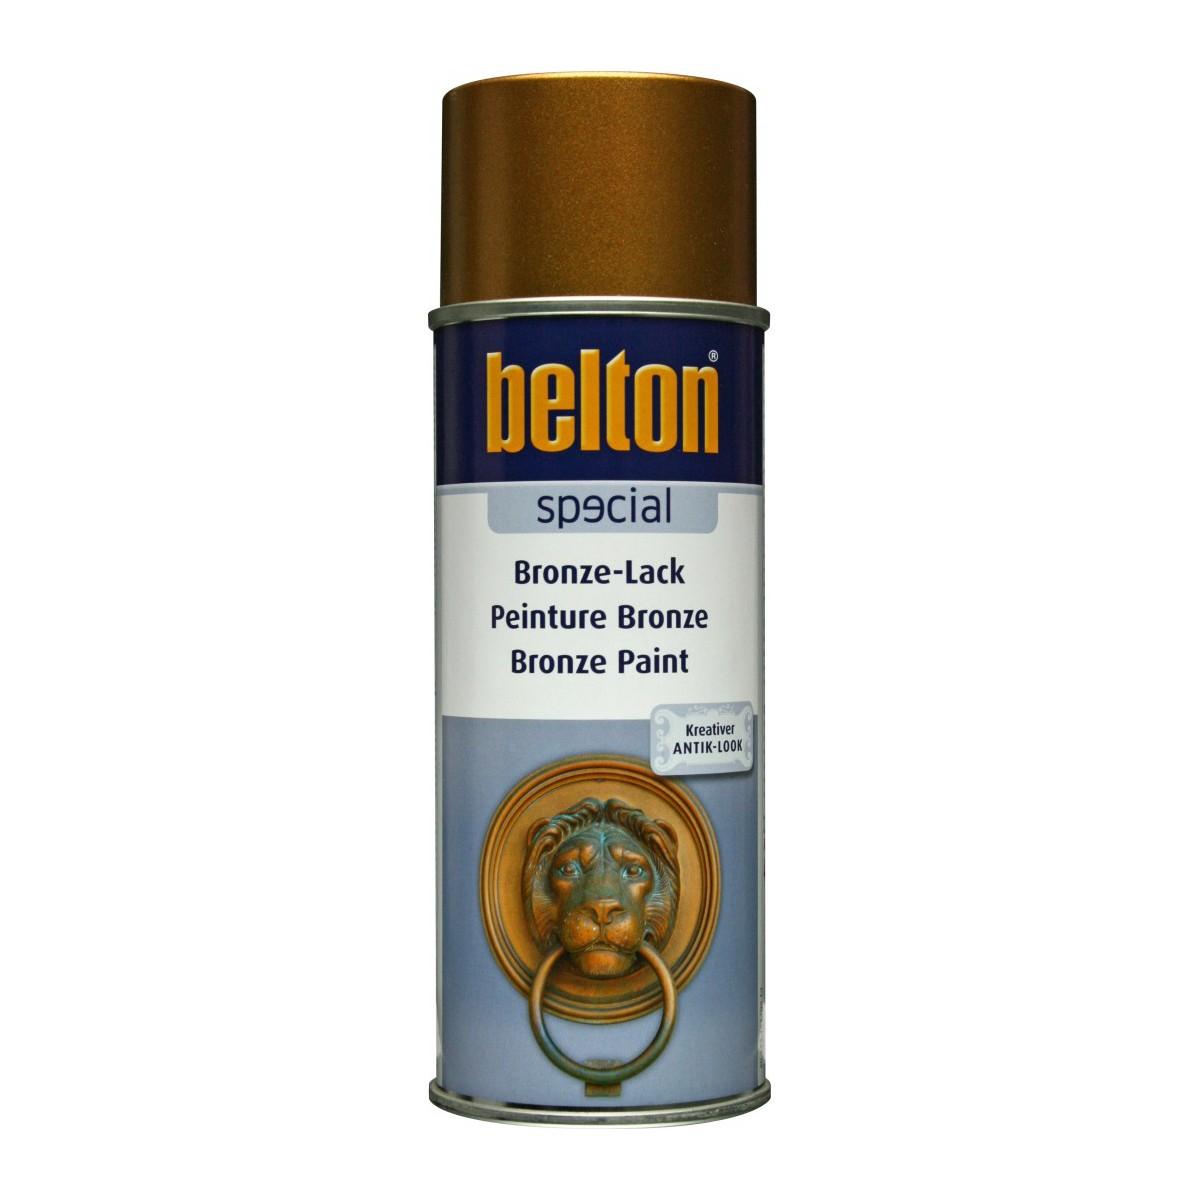 Belton Peinture Aérosol Effet Bronze 400ml Or Antique à 13